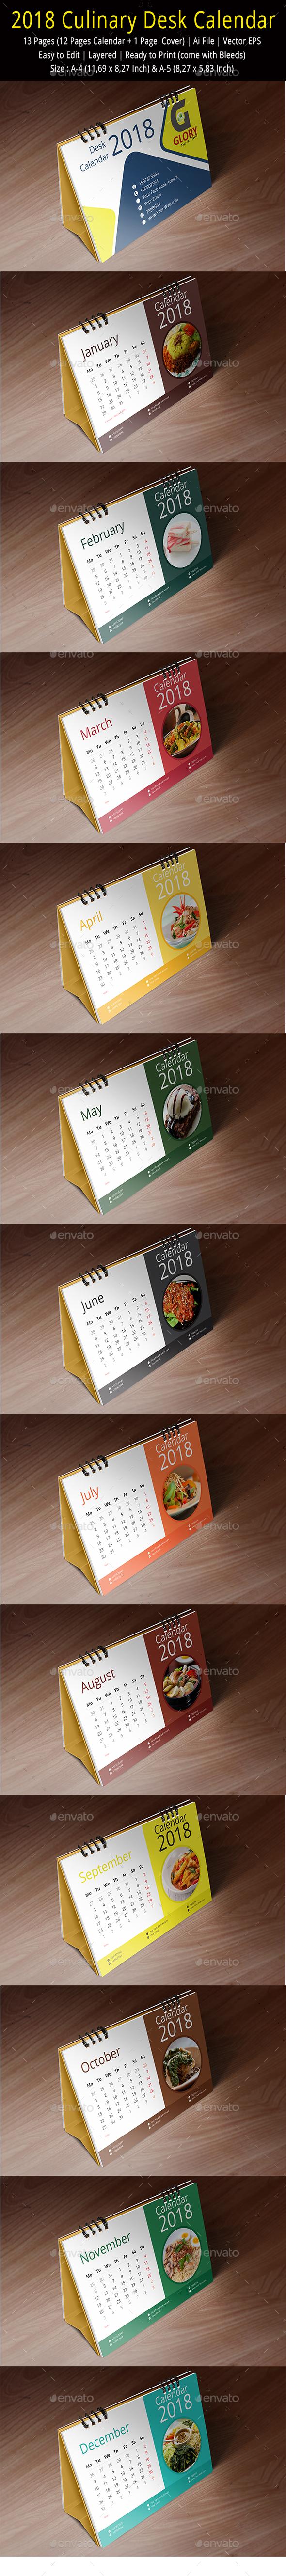 Culinary Desk Calendar 2018 - Calendars Stationery